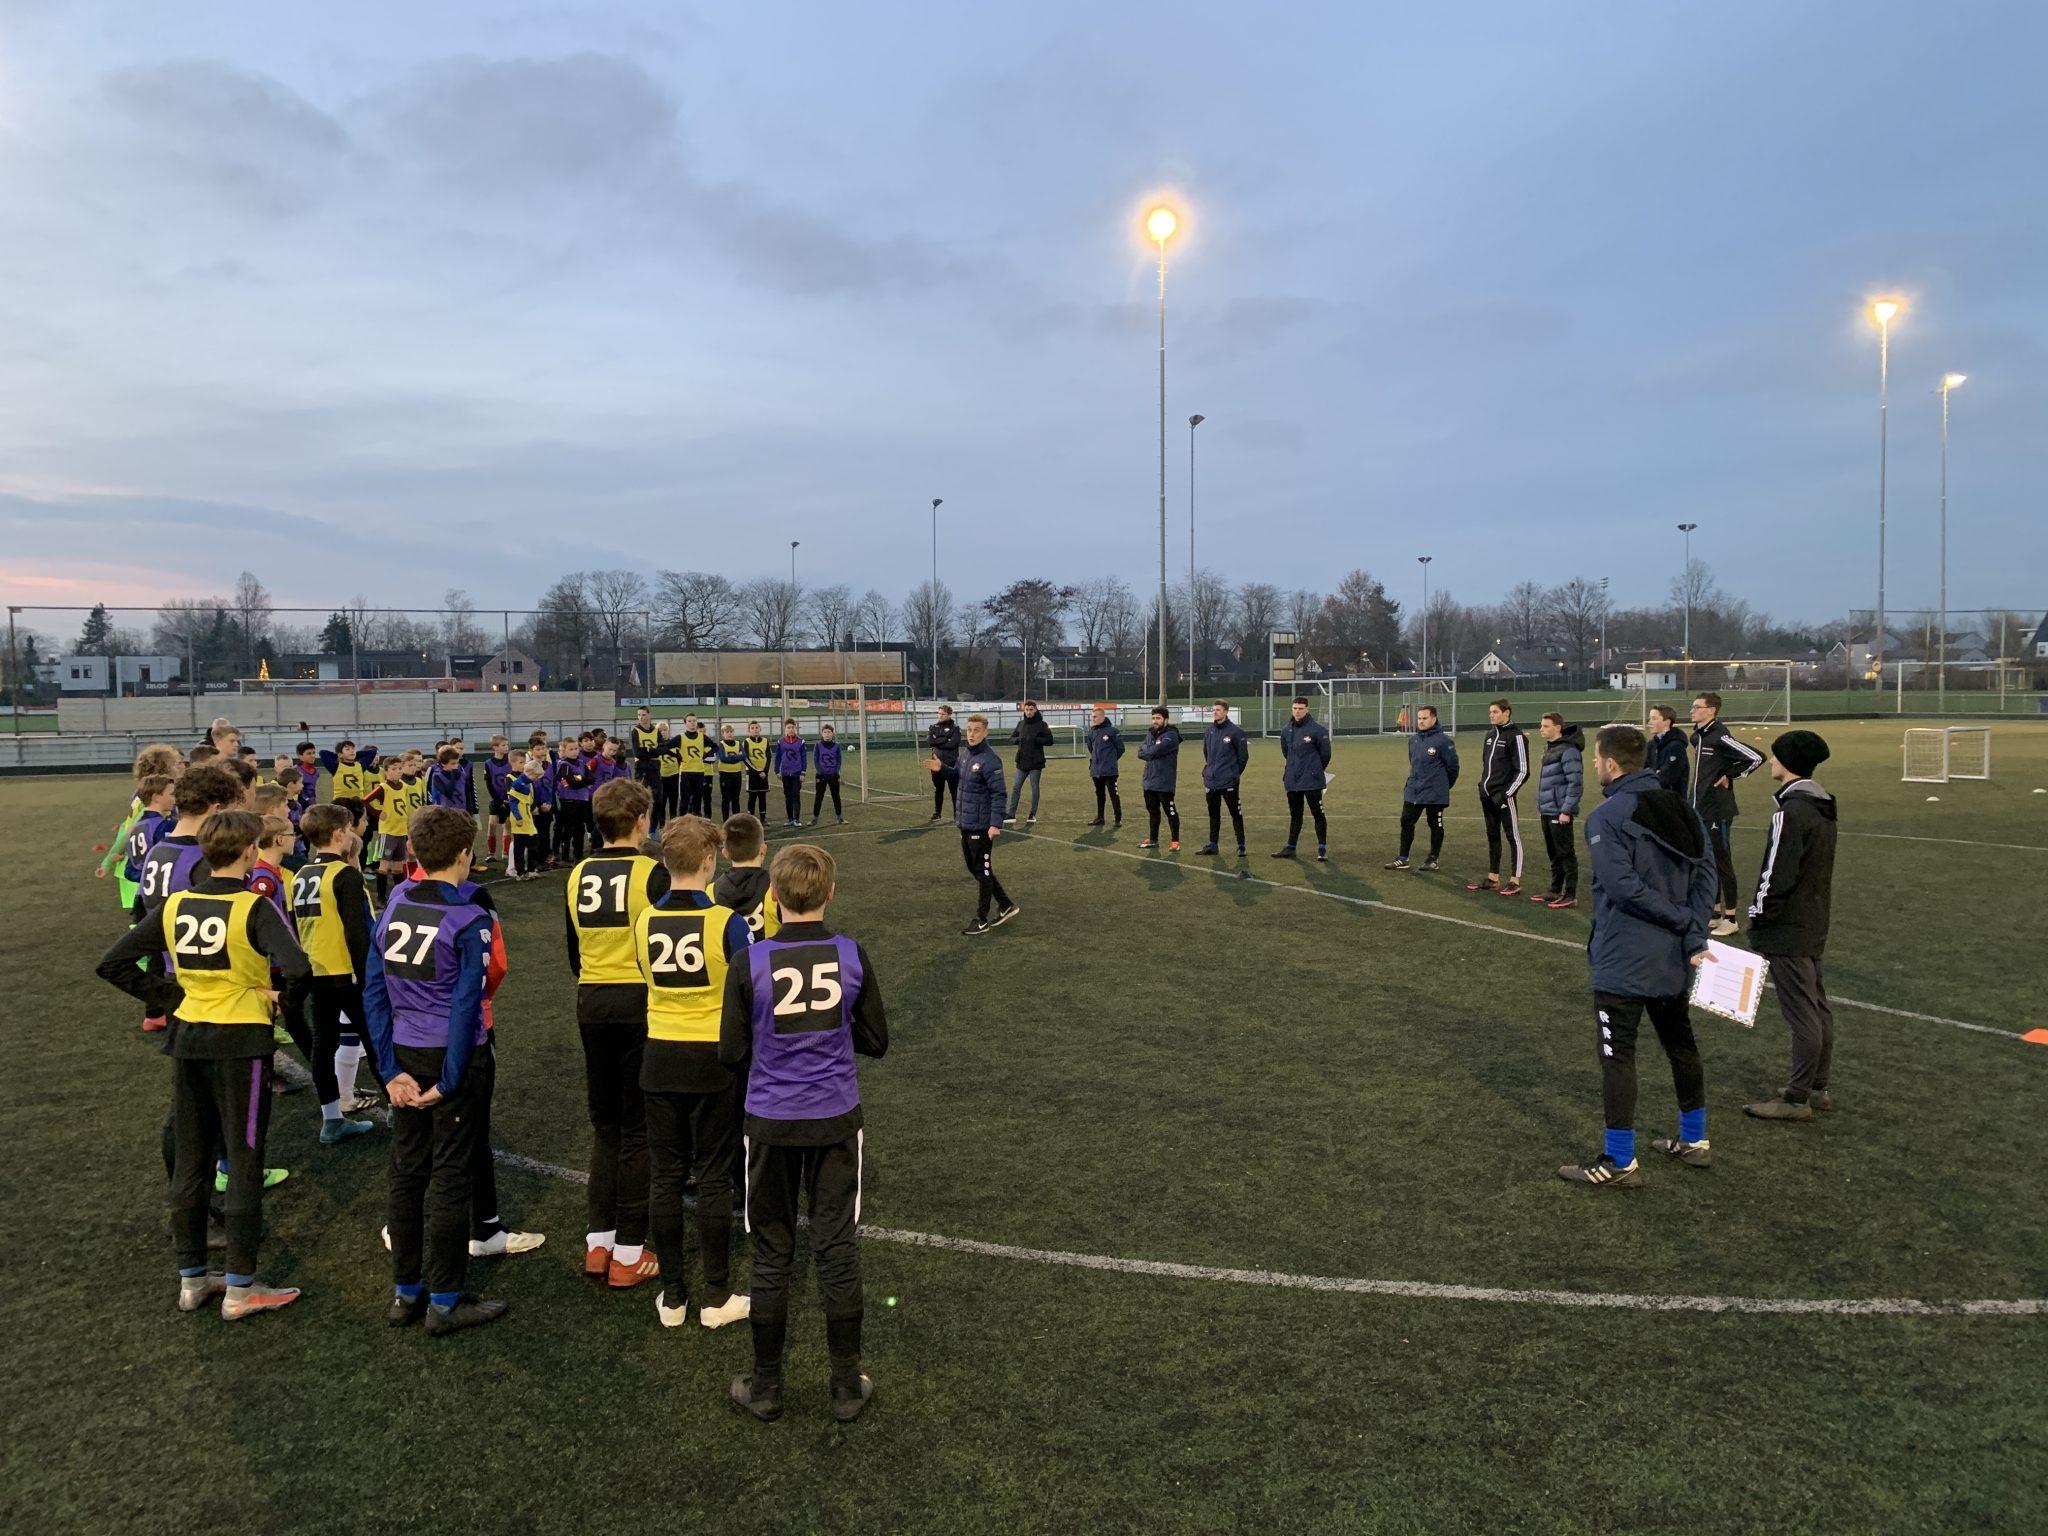 Geslaagde Willem II Talentendag bij VV Dongen